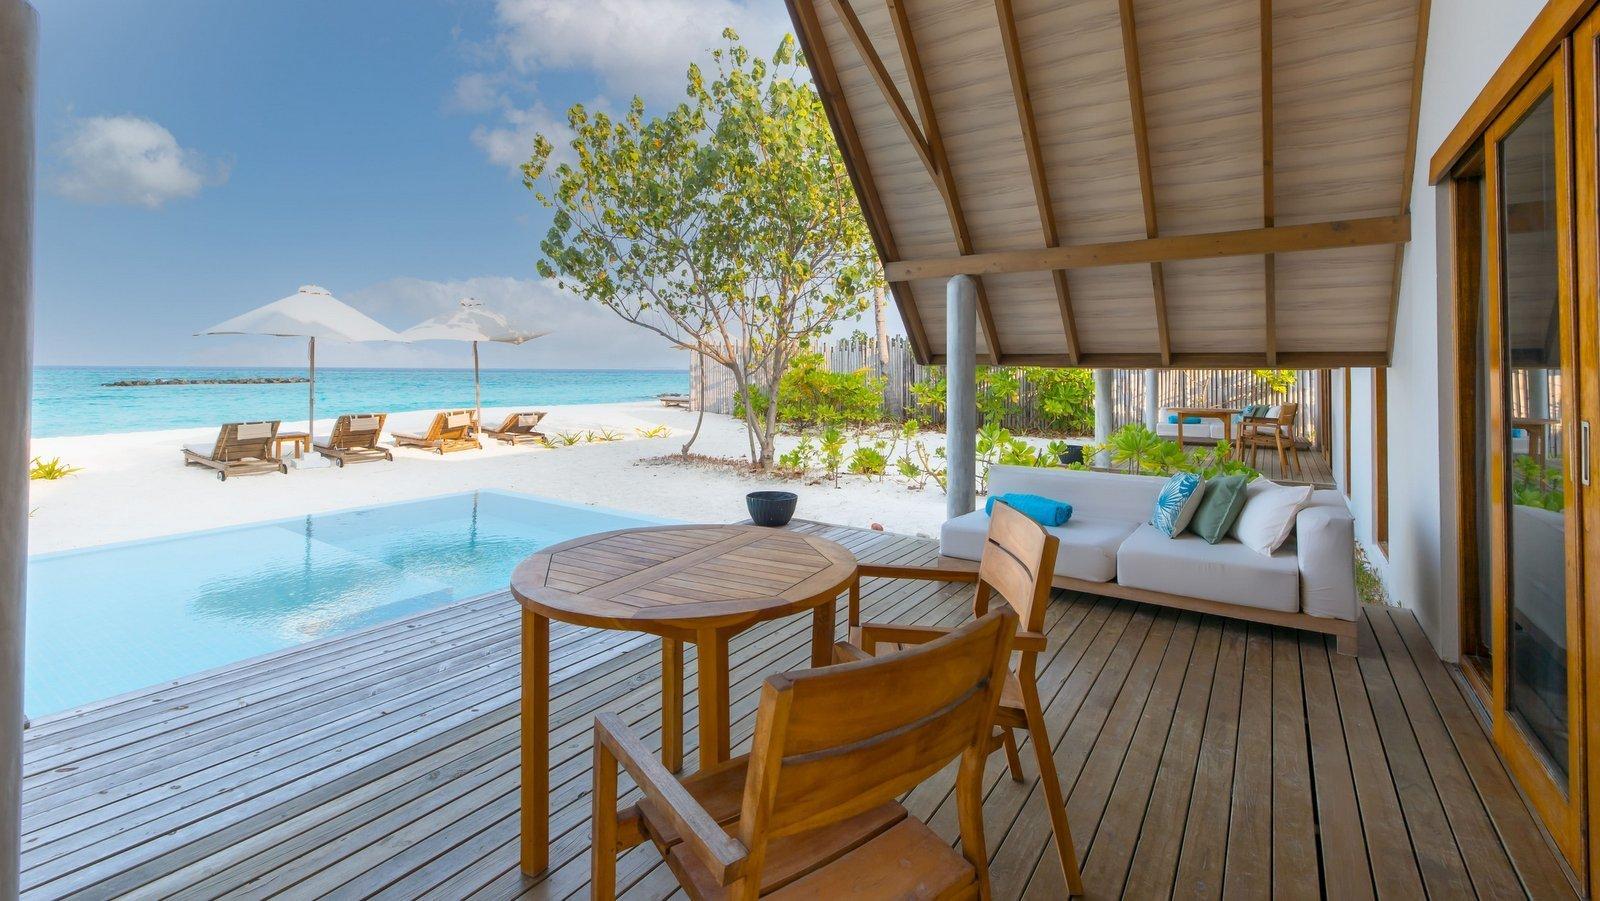 Мальдивы, отель Fushifaru Maldives, номер Beach Duplex Villa